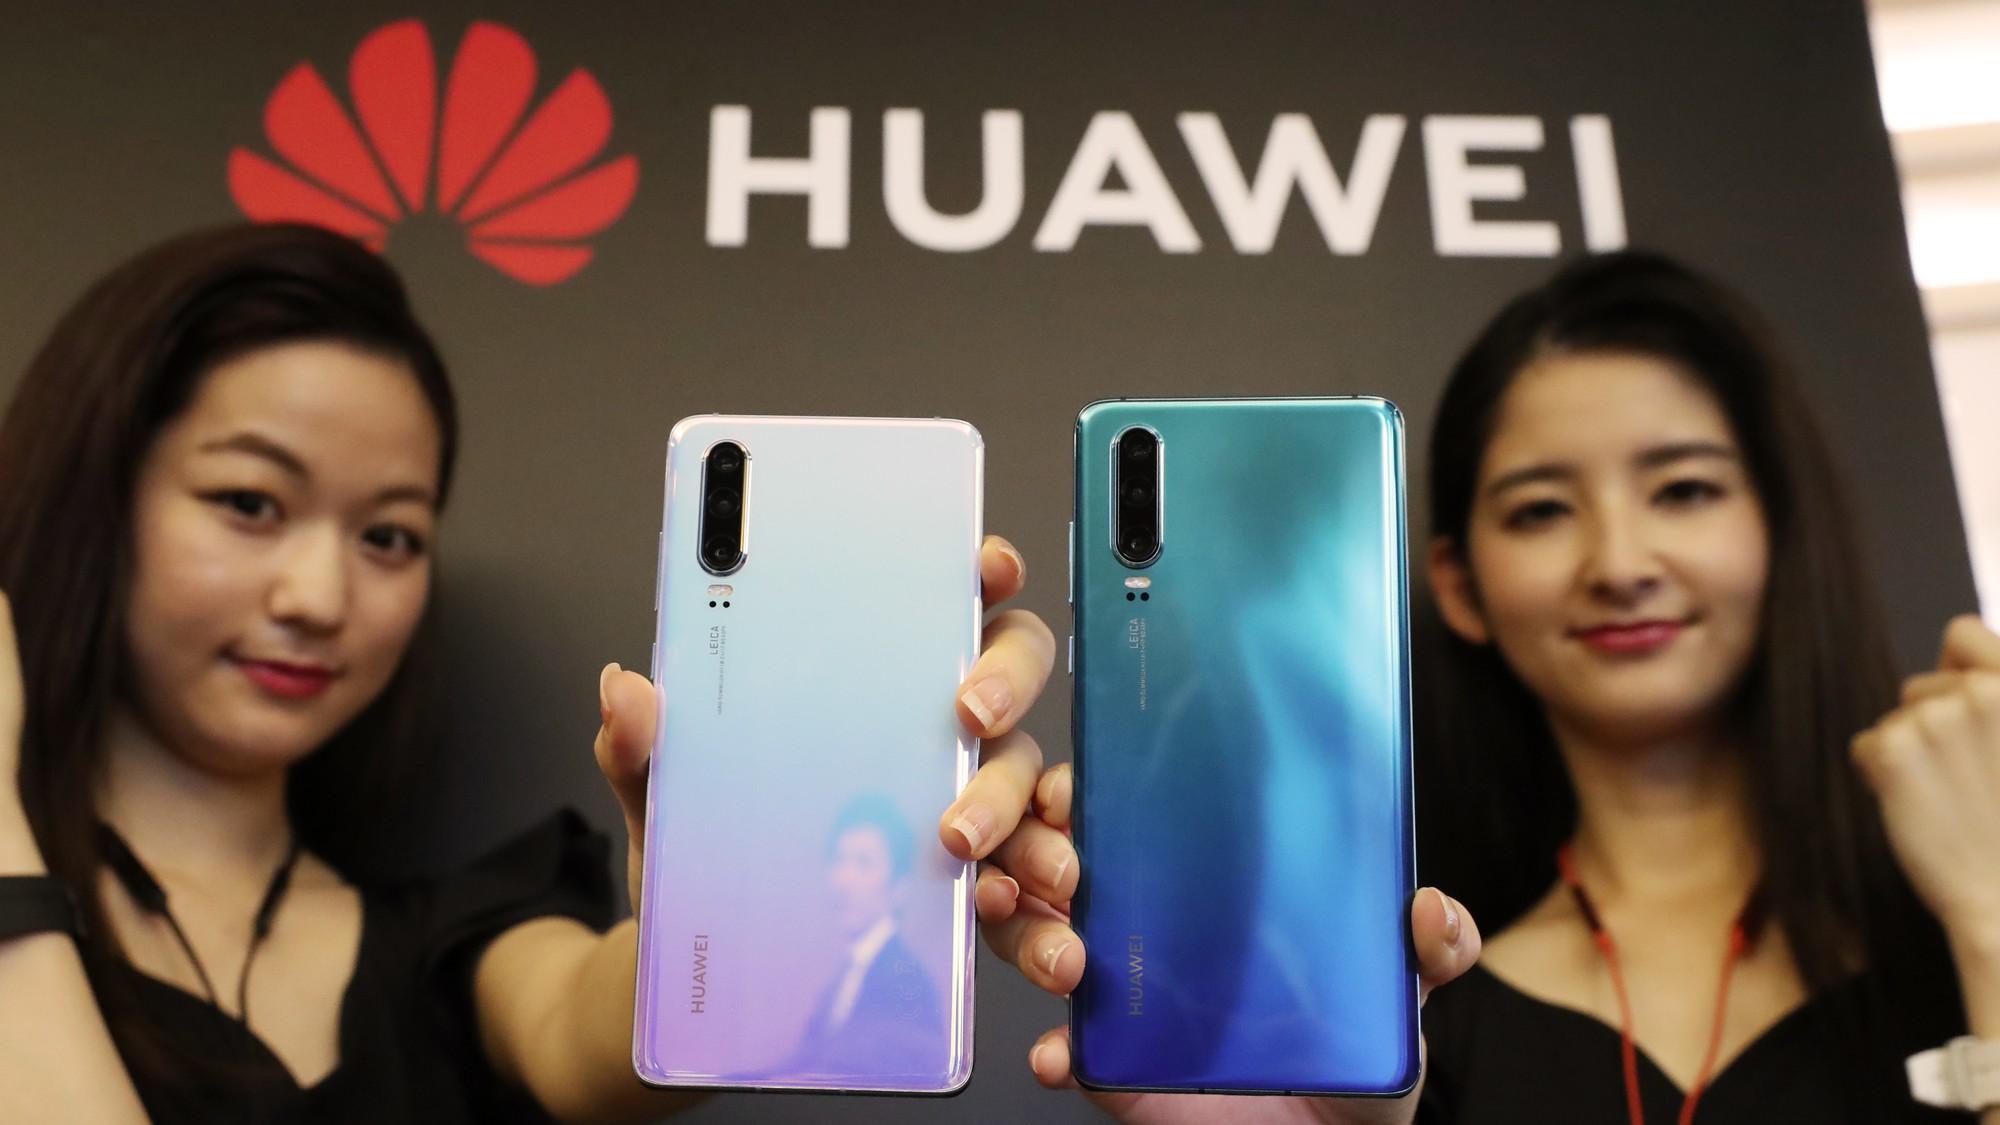 Hai nhà mạng lớn nhất Nhật Bản tuyên bố dừng bán các máy điện thoại Huawei - Ảnh 1.